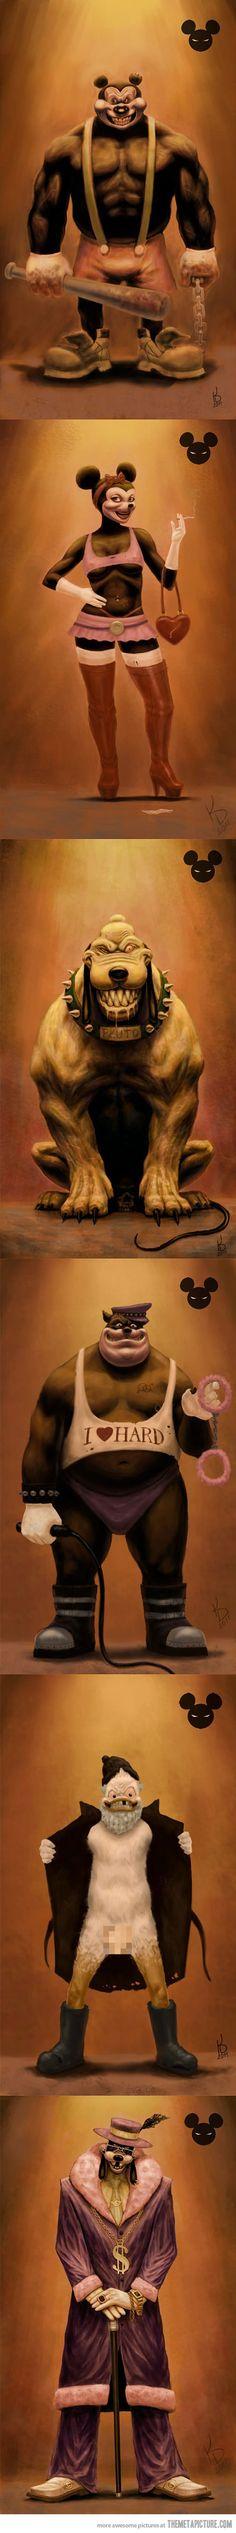 Disneyvil.